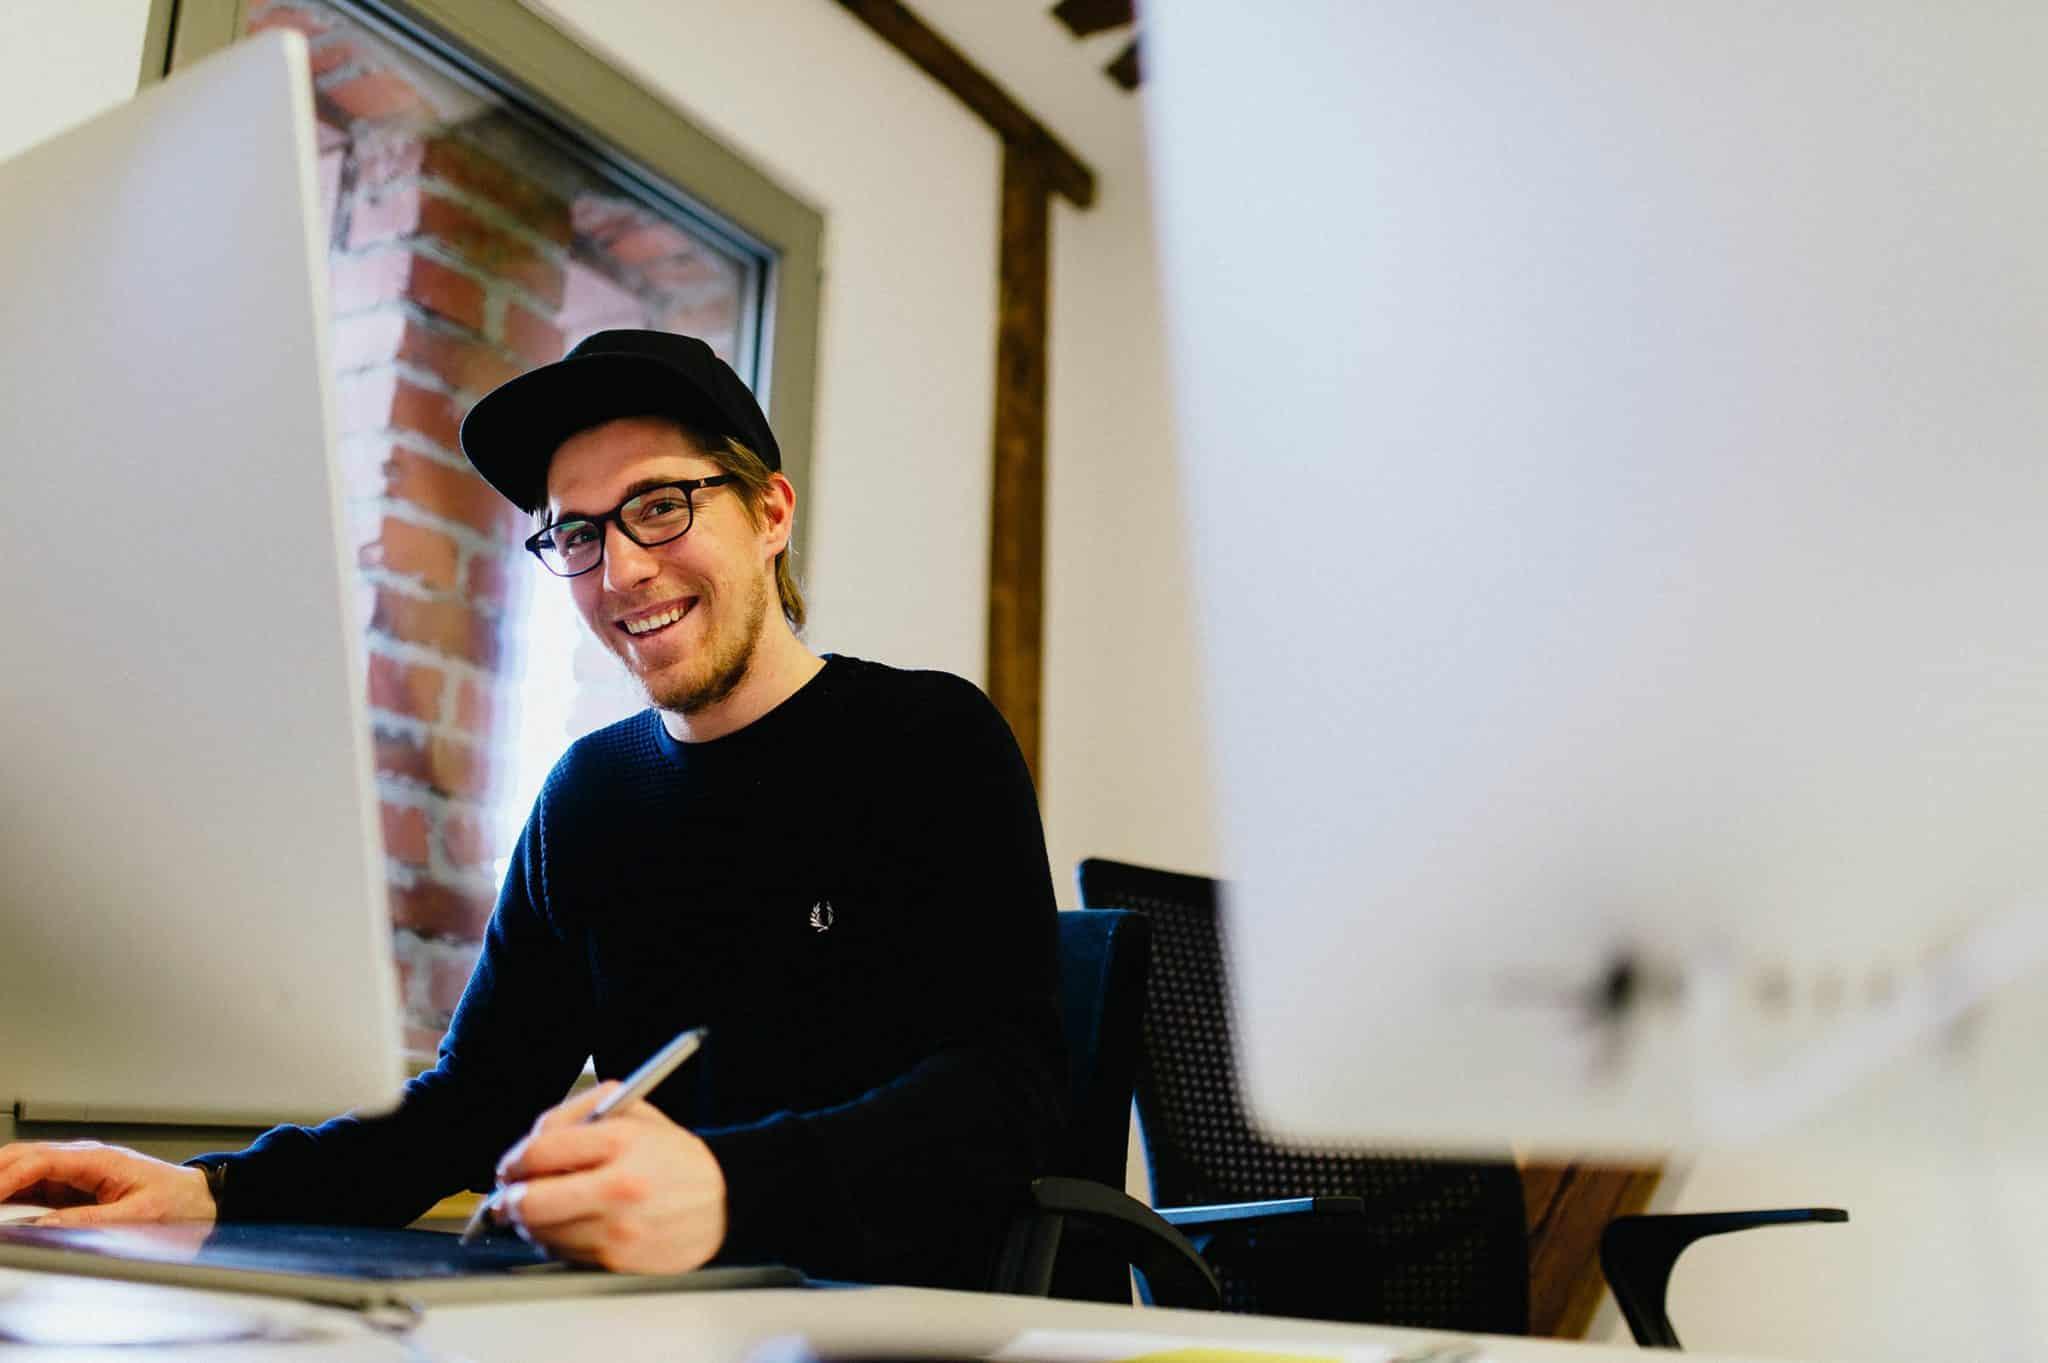 Designer der Agentur Heldenstreich arbeitet an einem Emnployer Branding Projekt